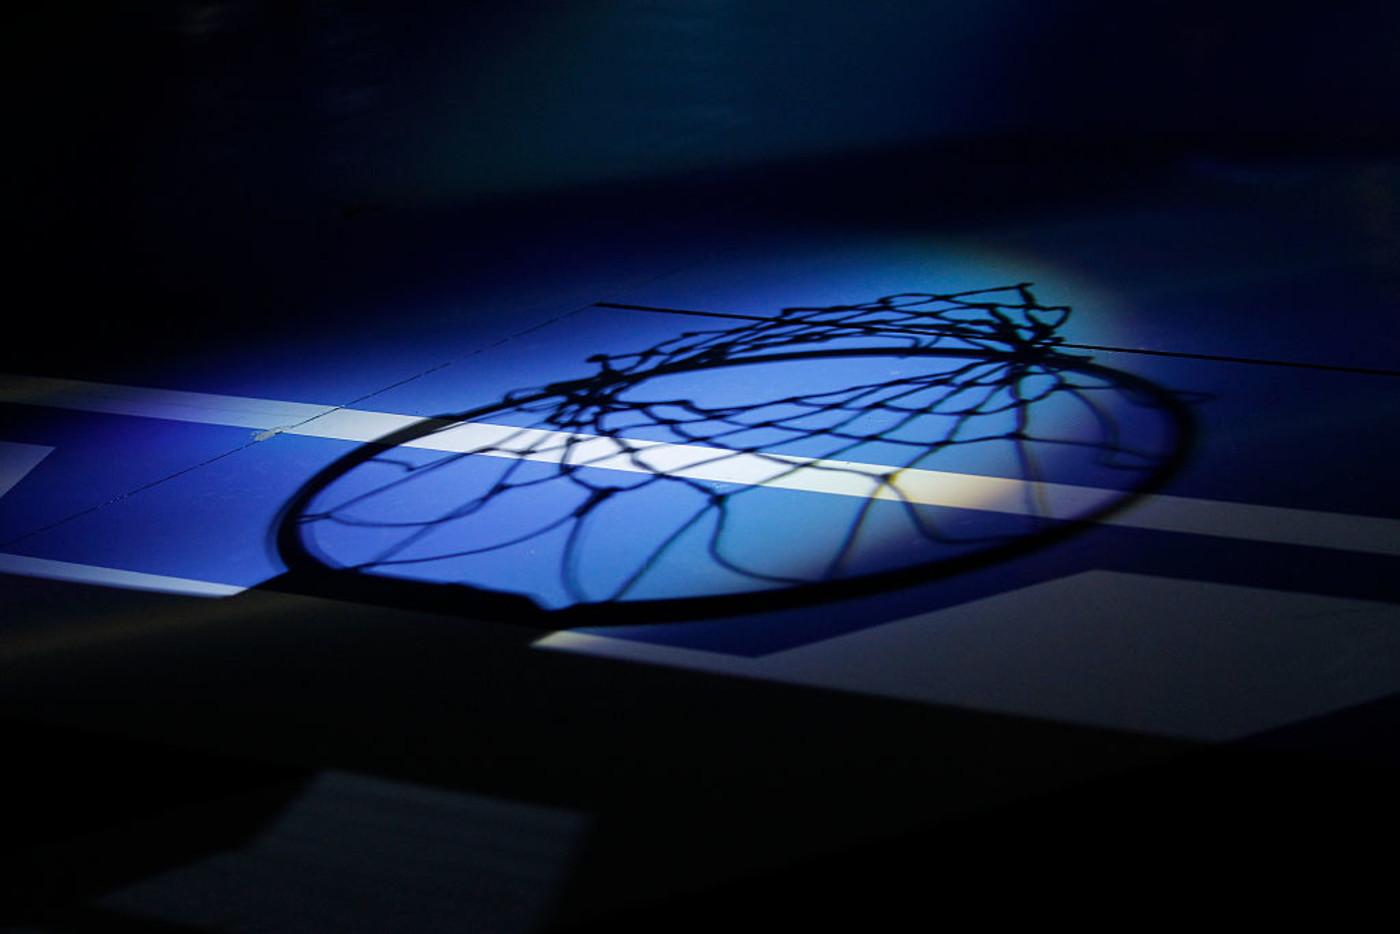 Basketball Court Blue Net Shadow-2017